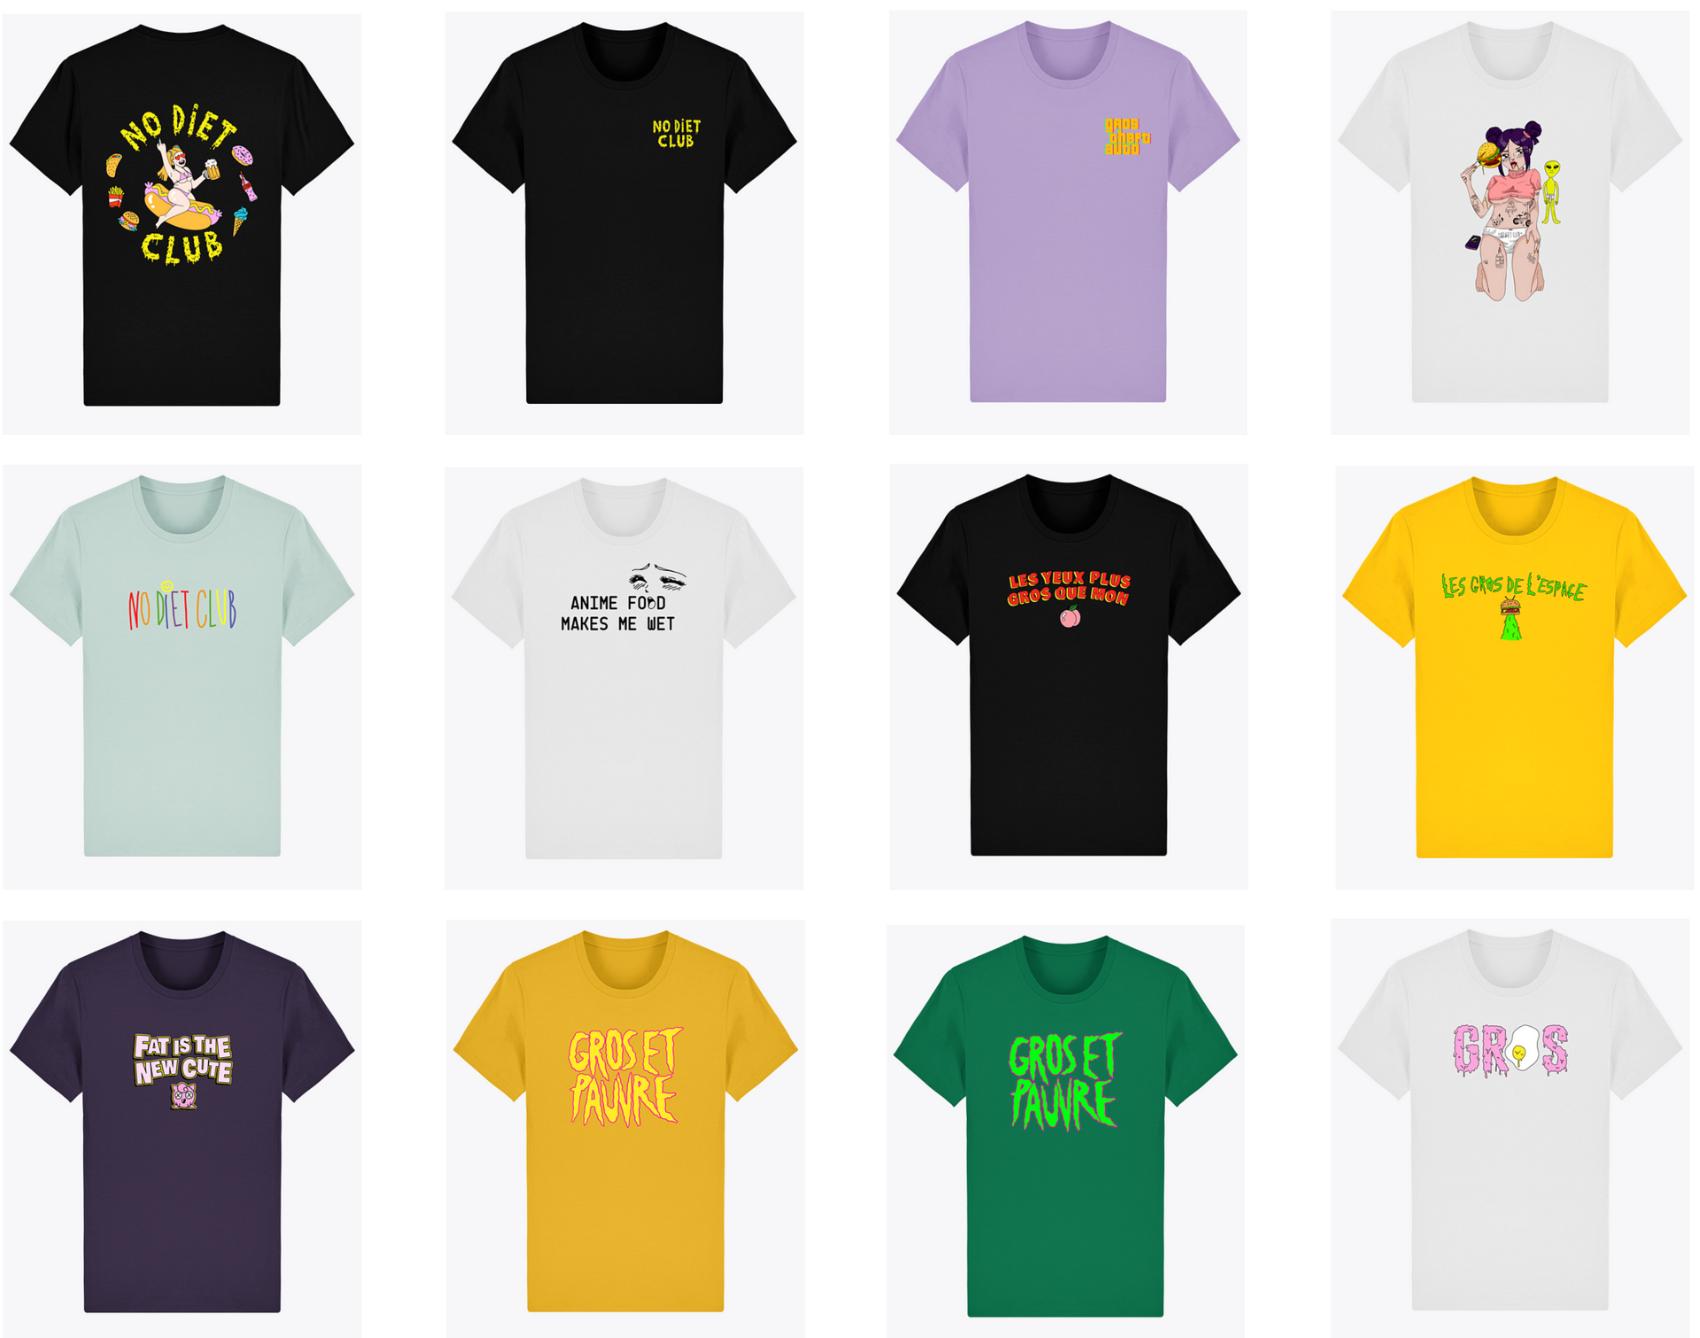 T-shirts NDC 🌭 - T-shirt collector No Diet Club100% coton organique pour protéger ta graisse et ne pas irriter tes tétons.T-shirt bio personnalisé ajusté à col rond en single Jersey. Grammage 155 g/m². Made in France (pour de vrai)Autres couleurs disponibles.